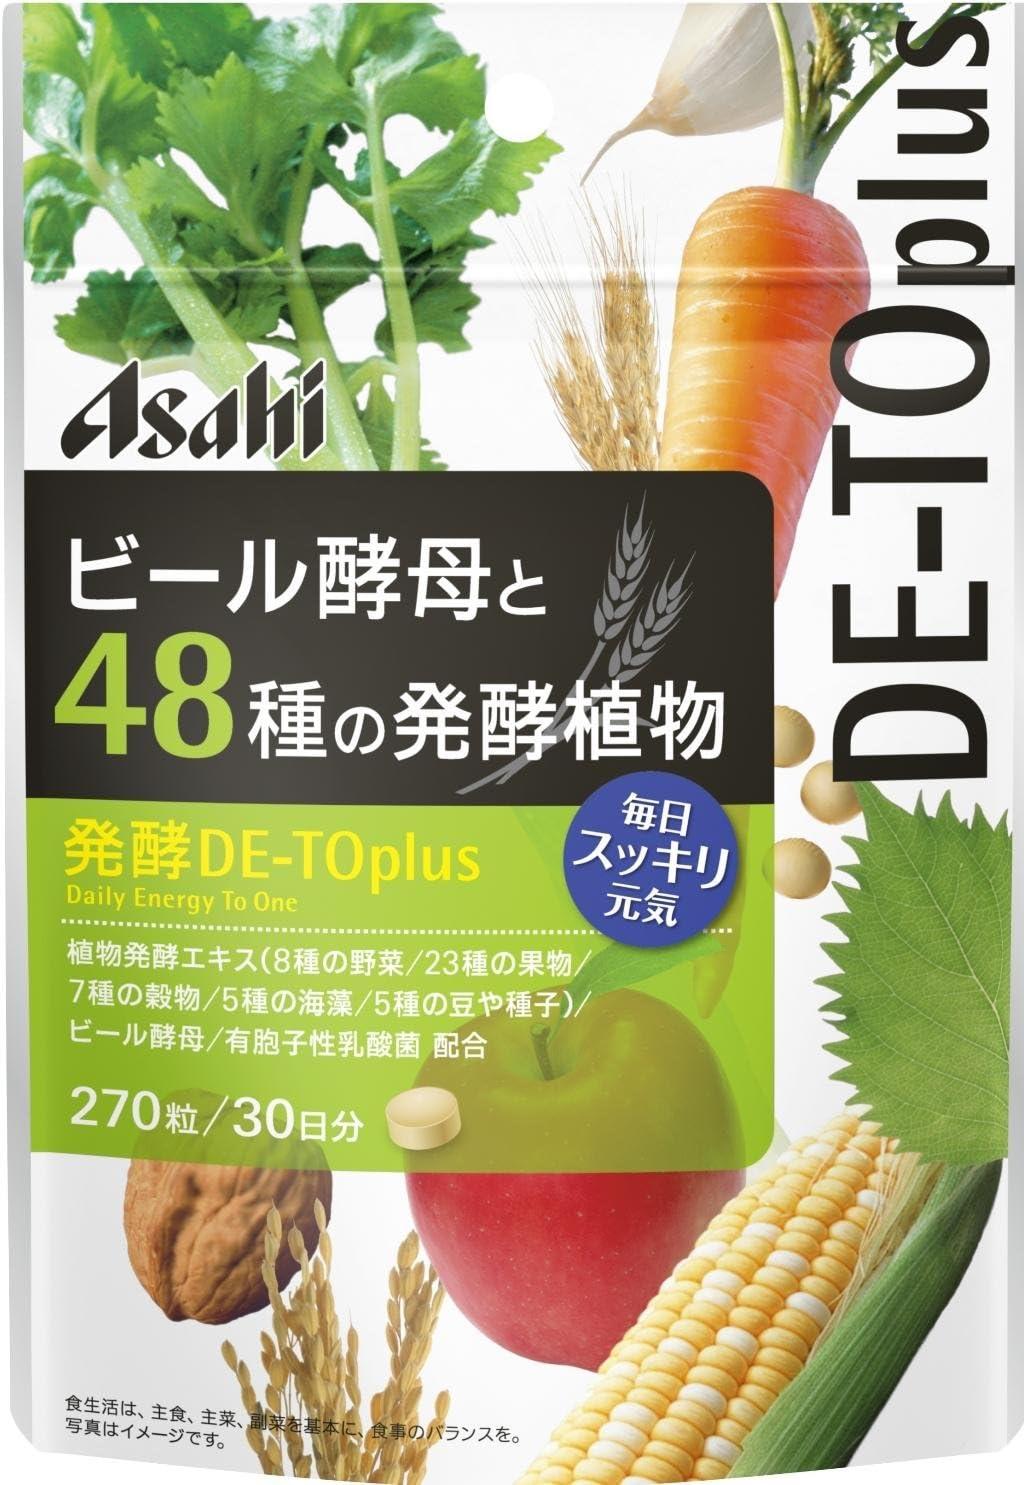 アサヒグループ食品 スーパービール酵母アミノゲット